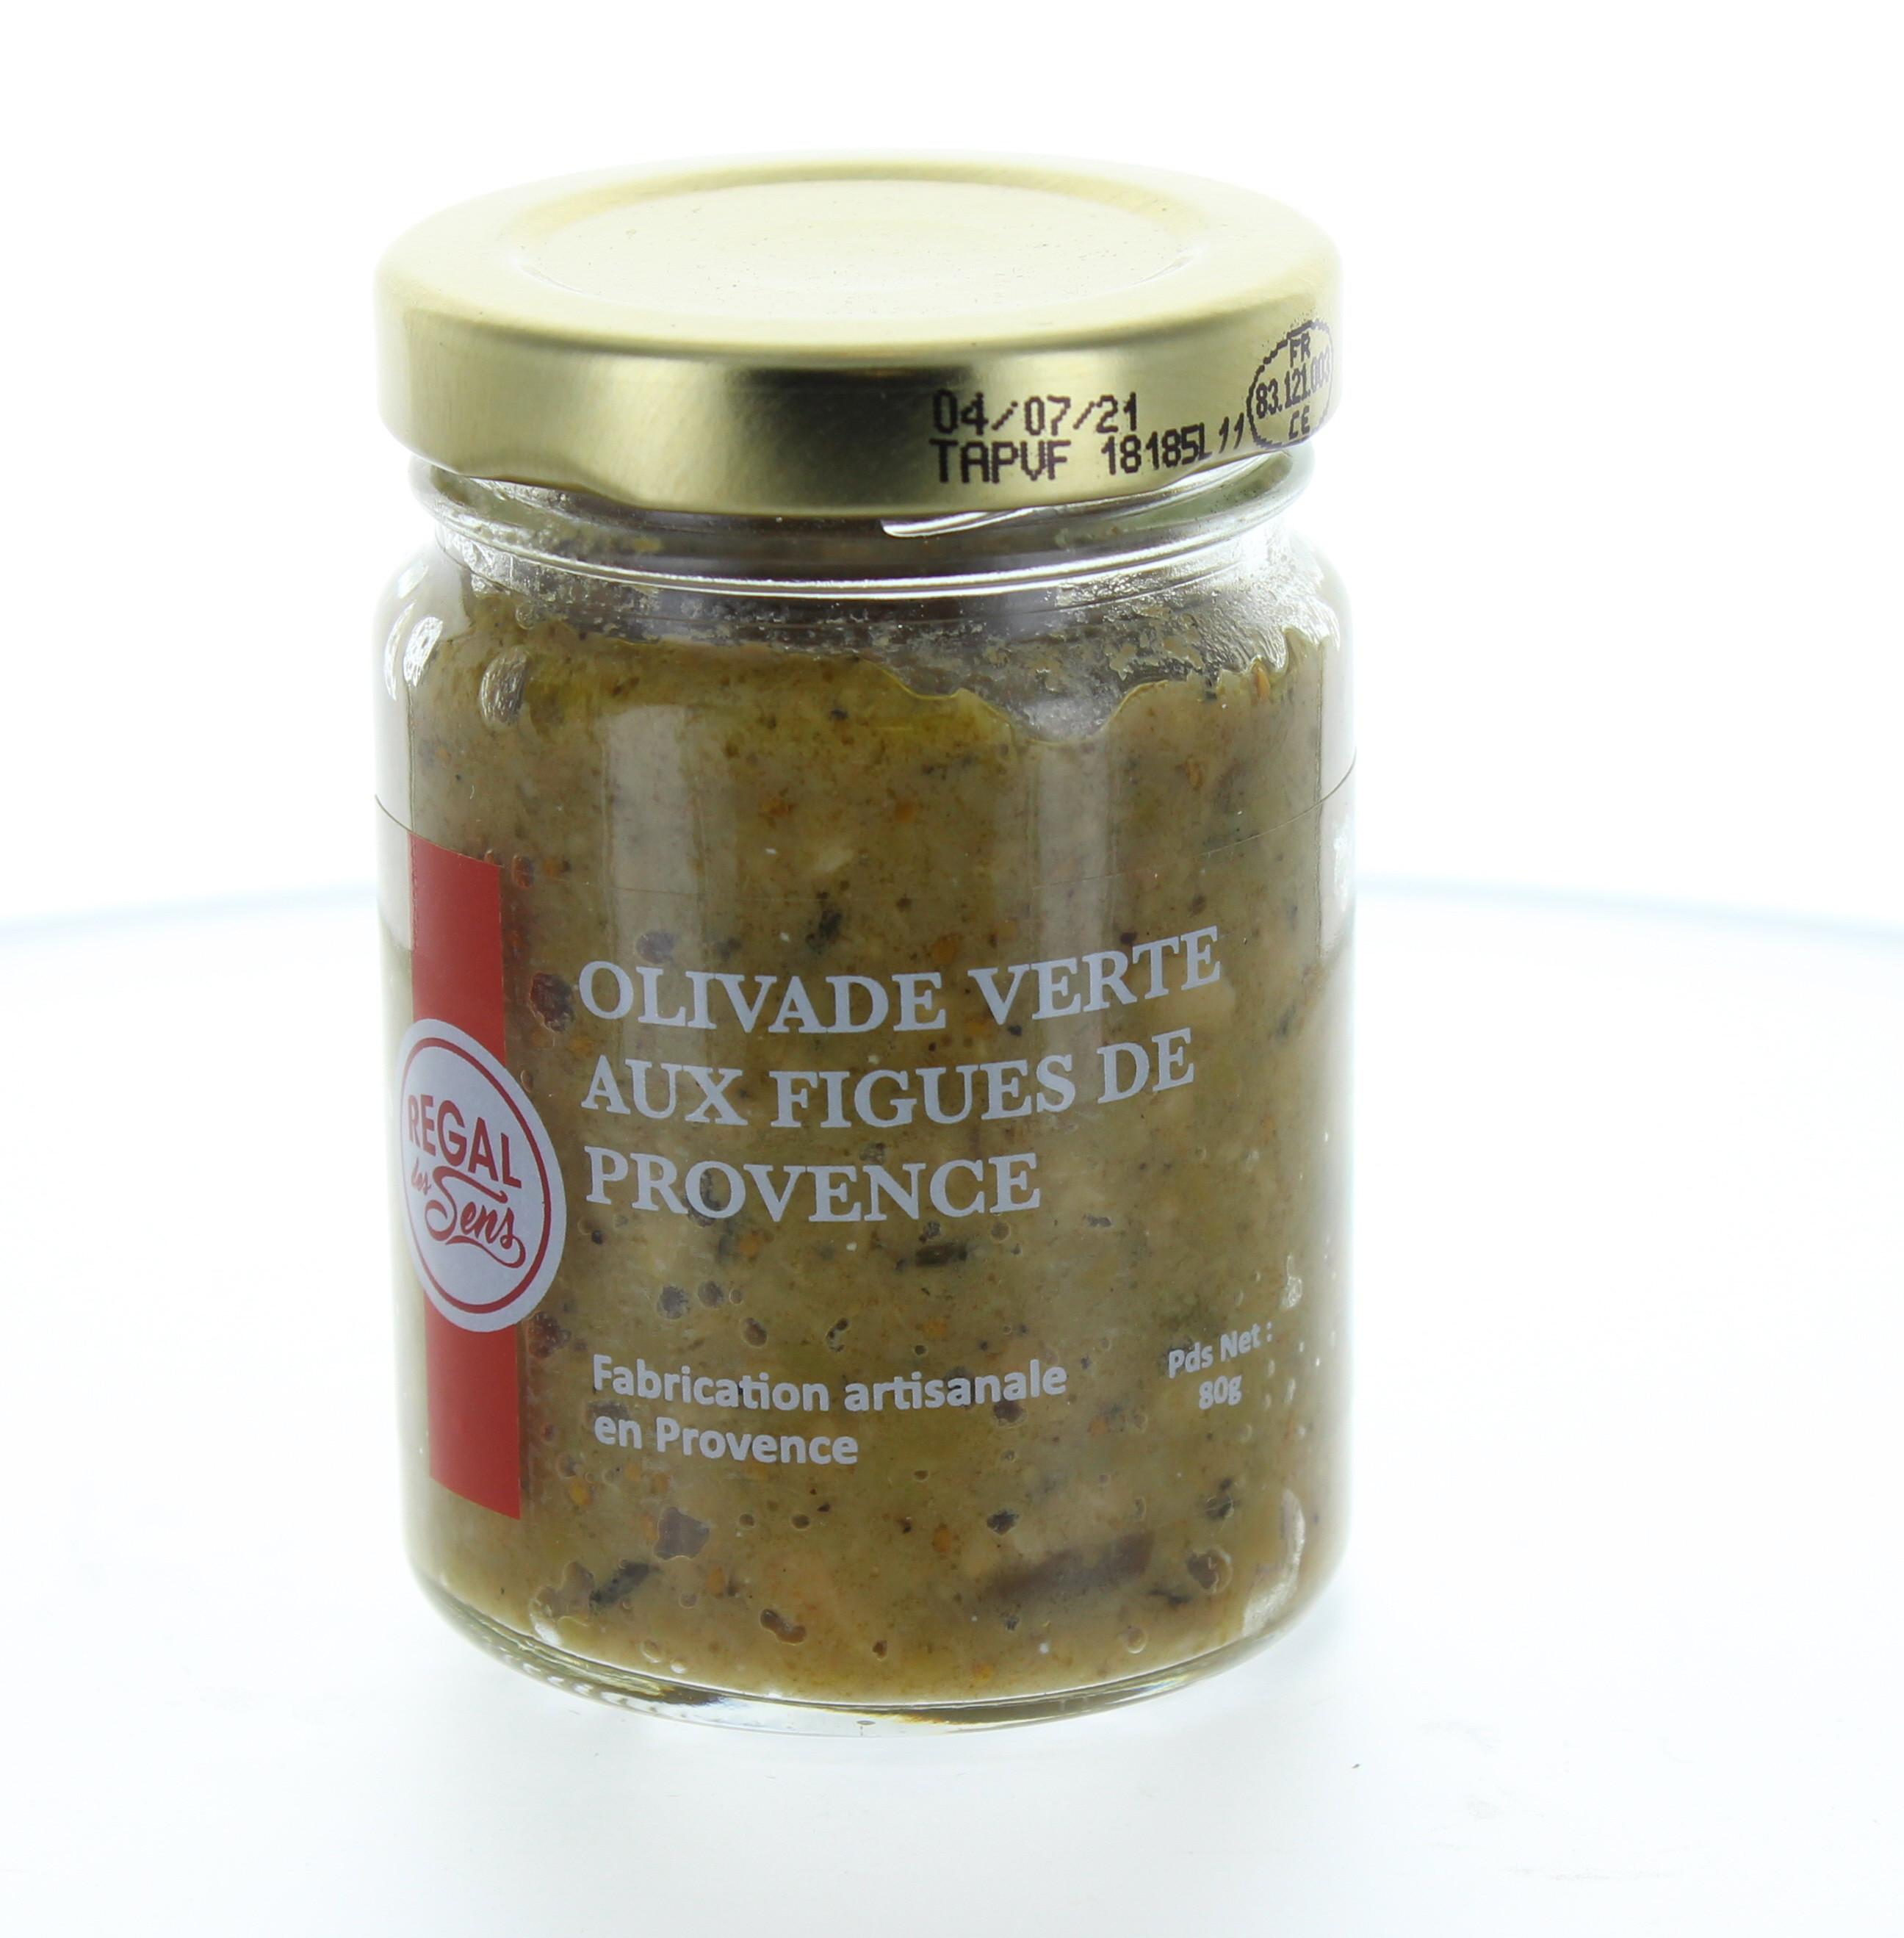 Olivade verte aux figues de Provence- Regal des Sens